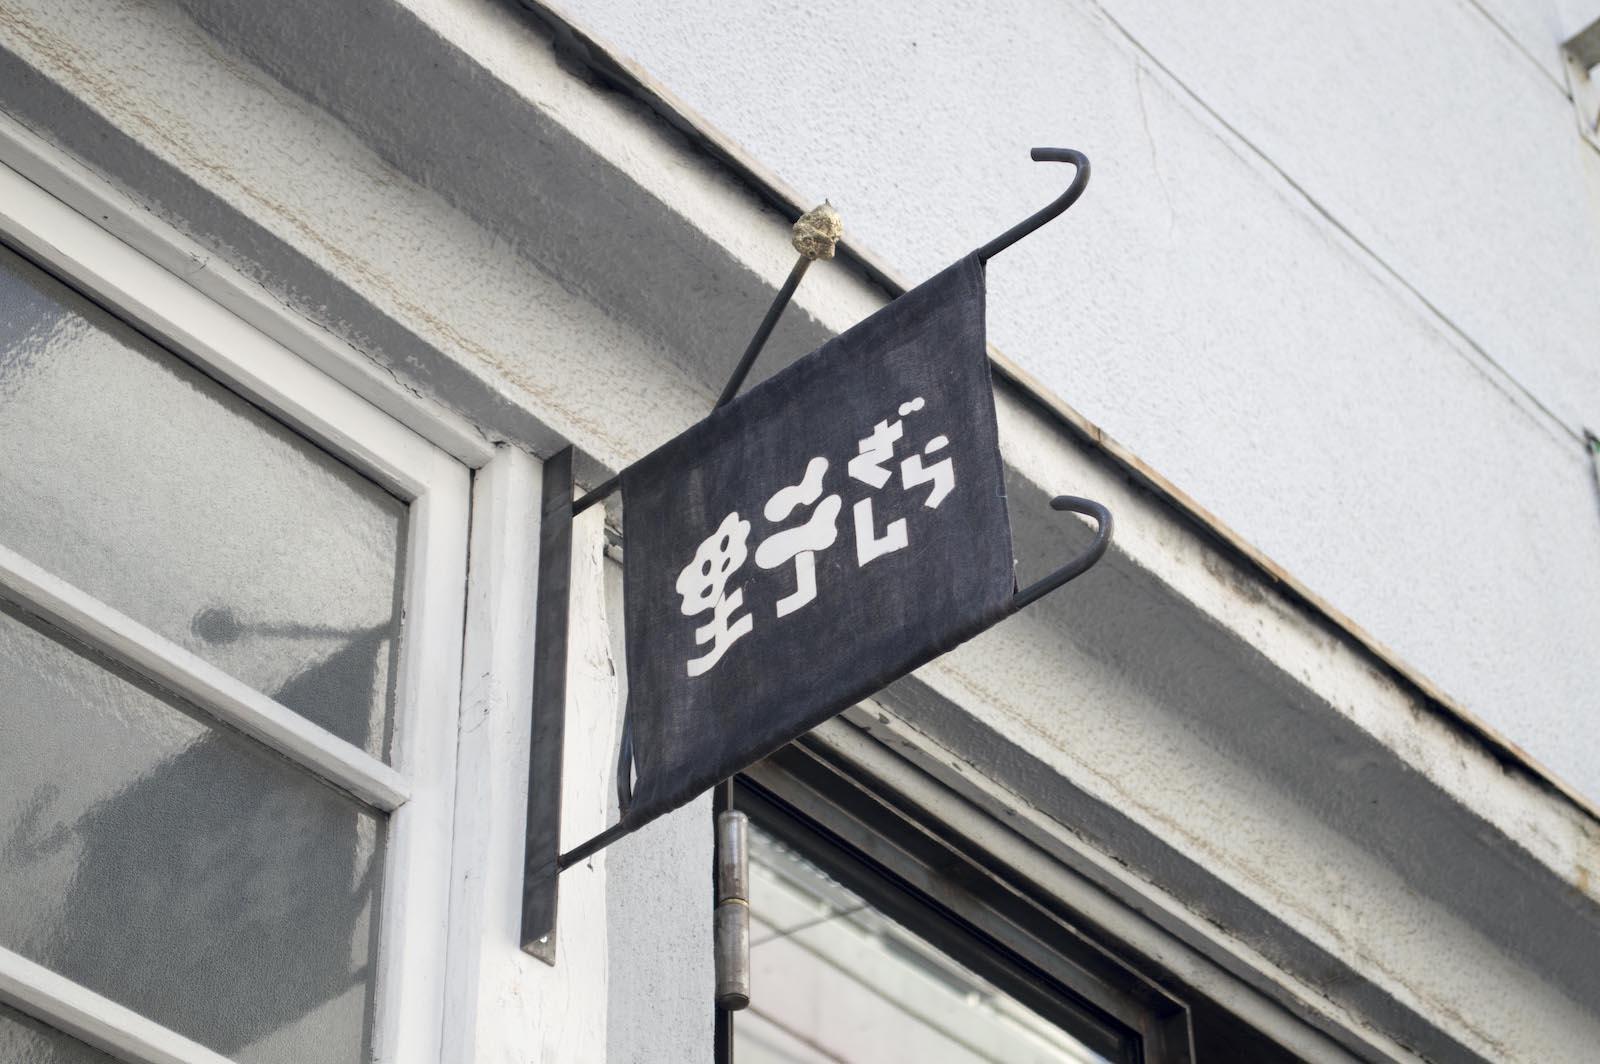 店頭には「喫茶野ざらし」のロゴがシルクスクリーンで刷られた旗が掲げられている。ロゴデザインはグラフィックデザイナーの植田正。